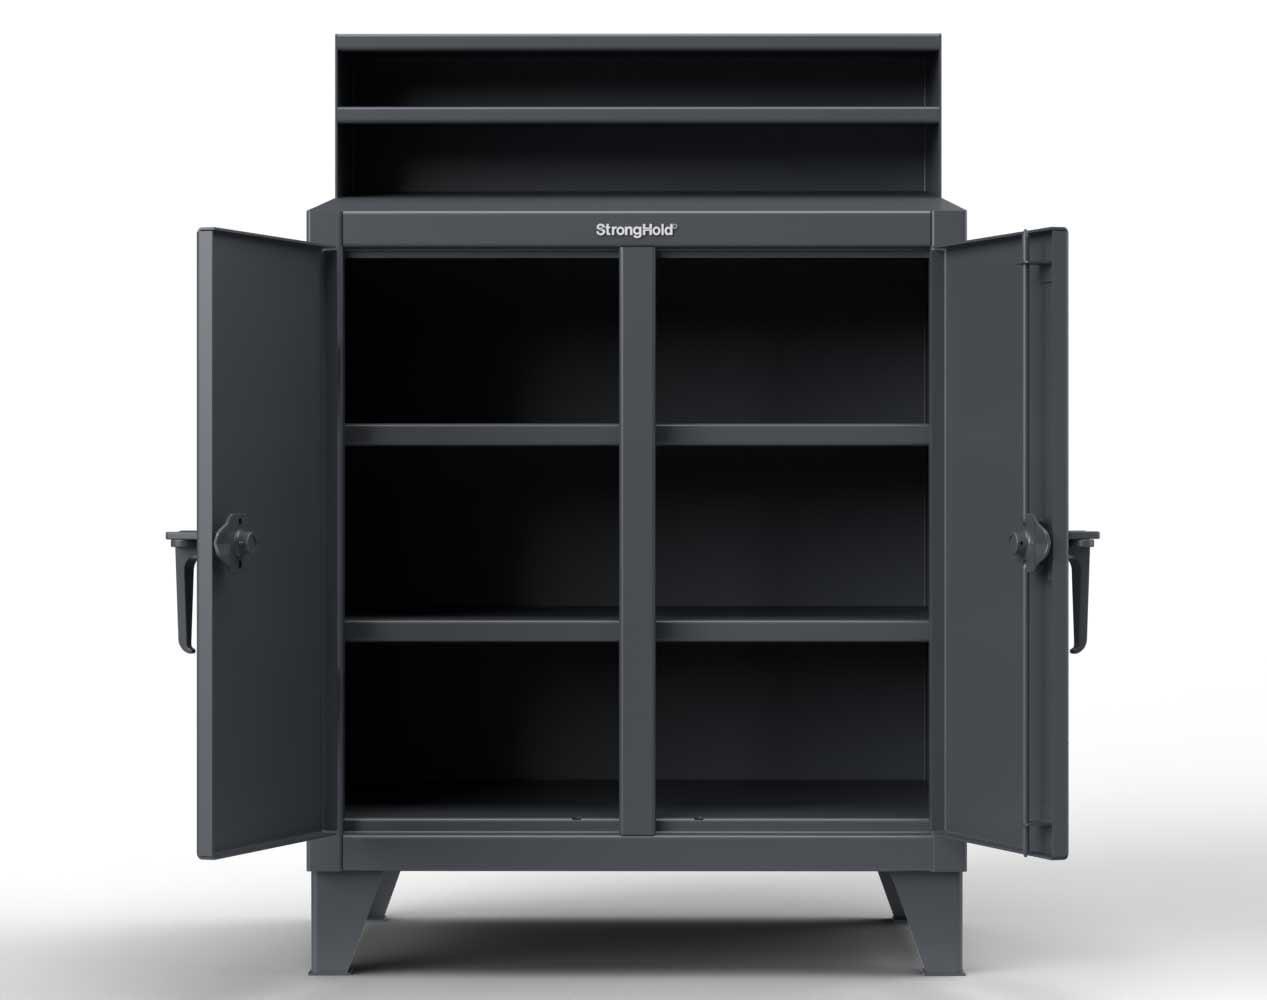 Extra Heavy Duty 12 GA Double Shift Shop Desk with 4 Shelves, Riser Shelf – 48 In. W x 28 In. D x 54 In. H